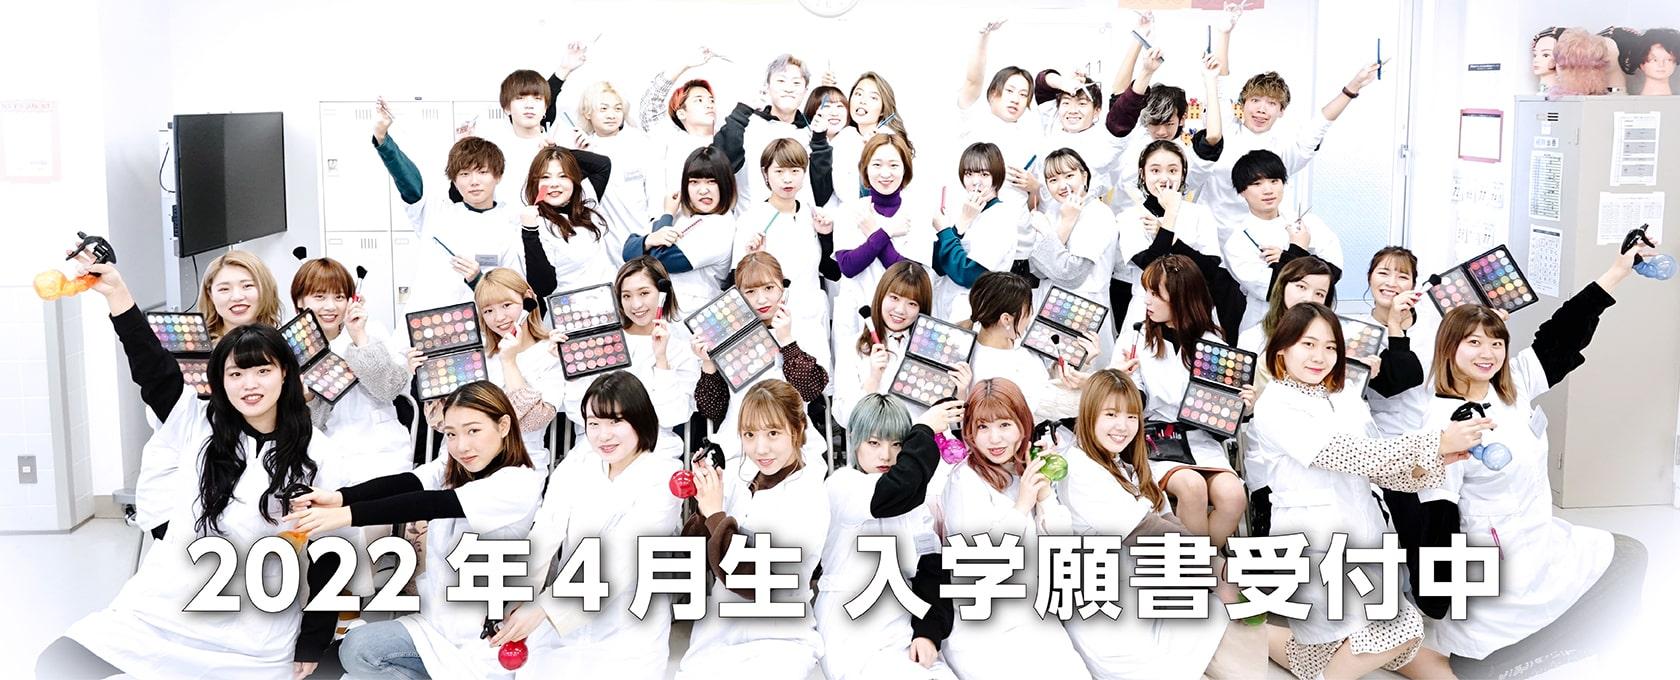 東京の美容専門学校:国際文化理容美容専門学校の2022入学生願書受付中